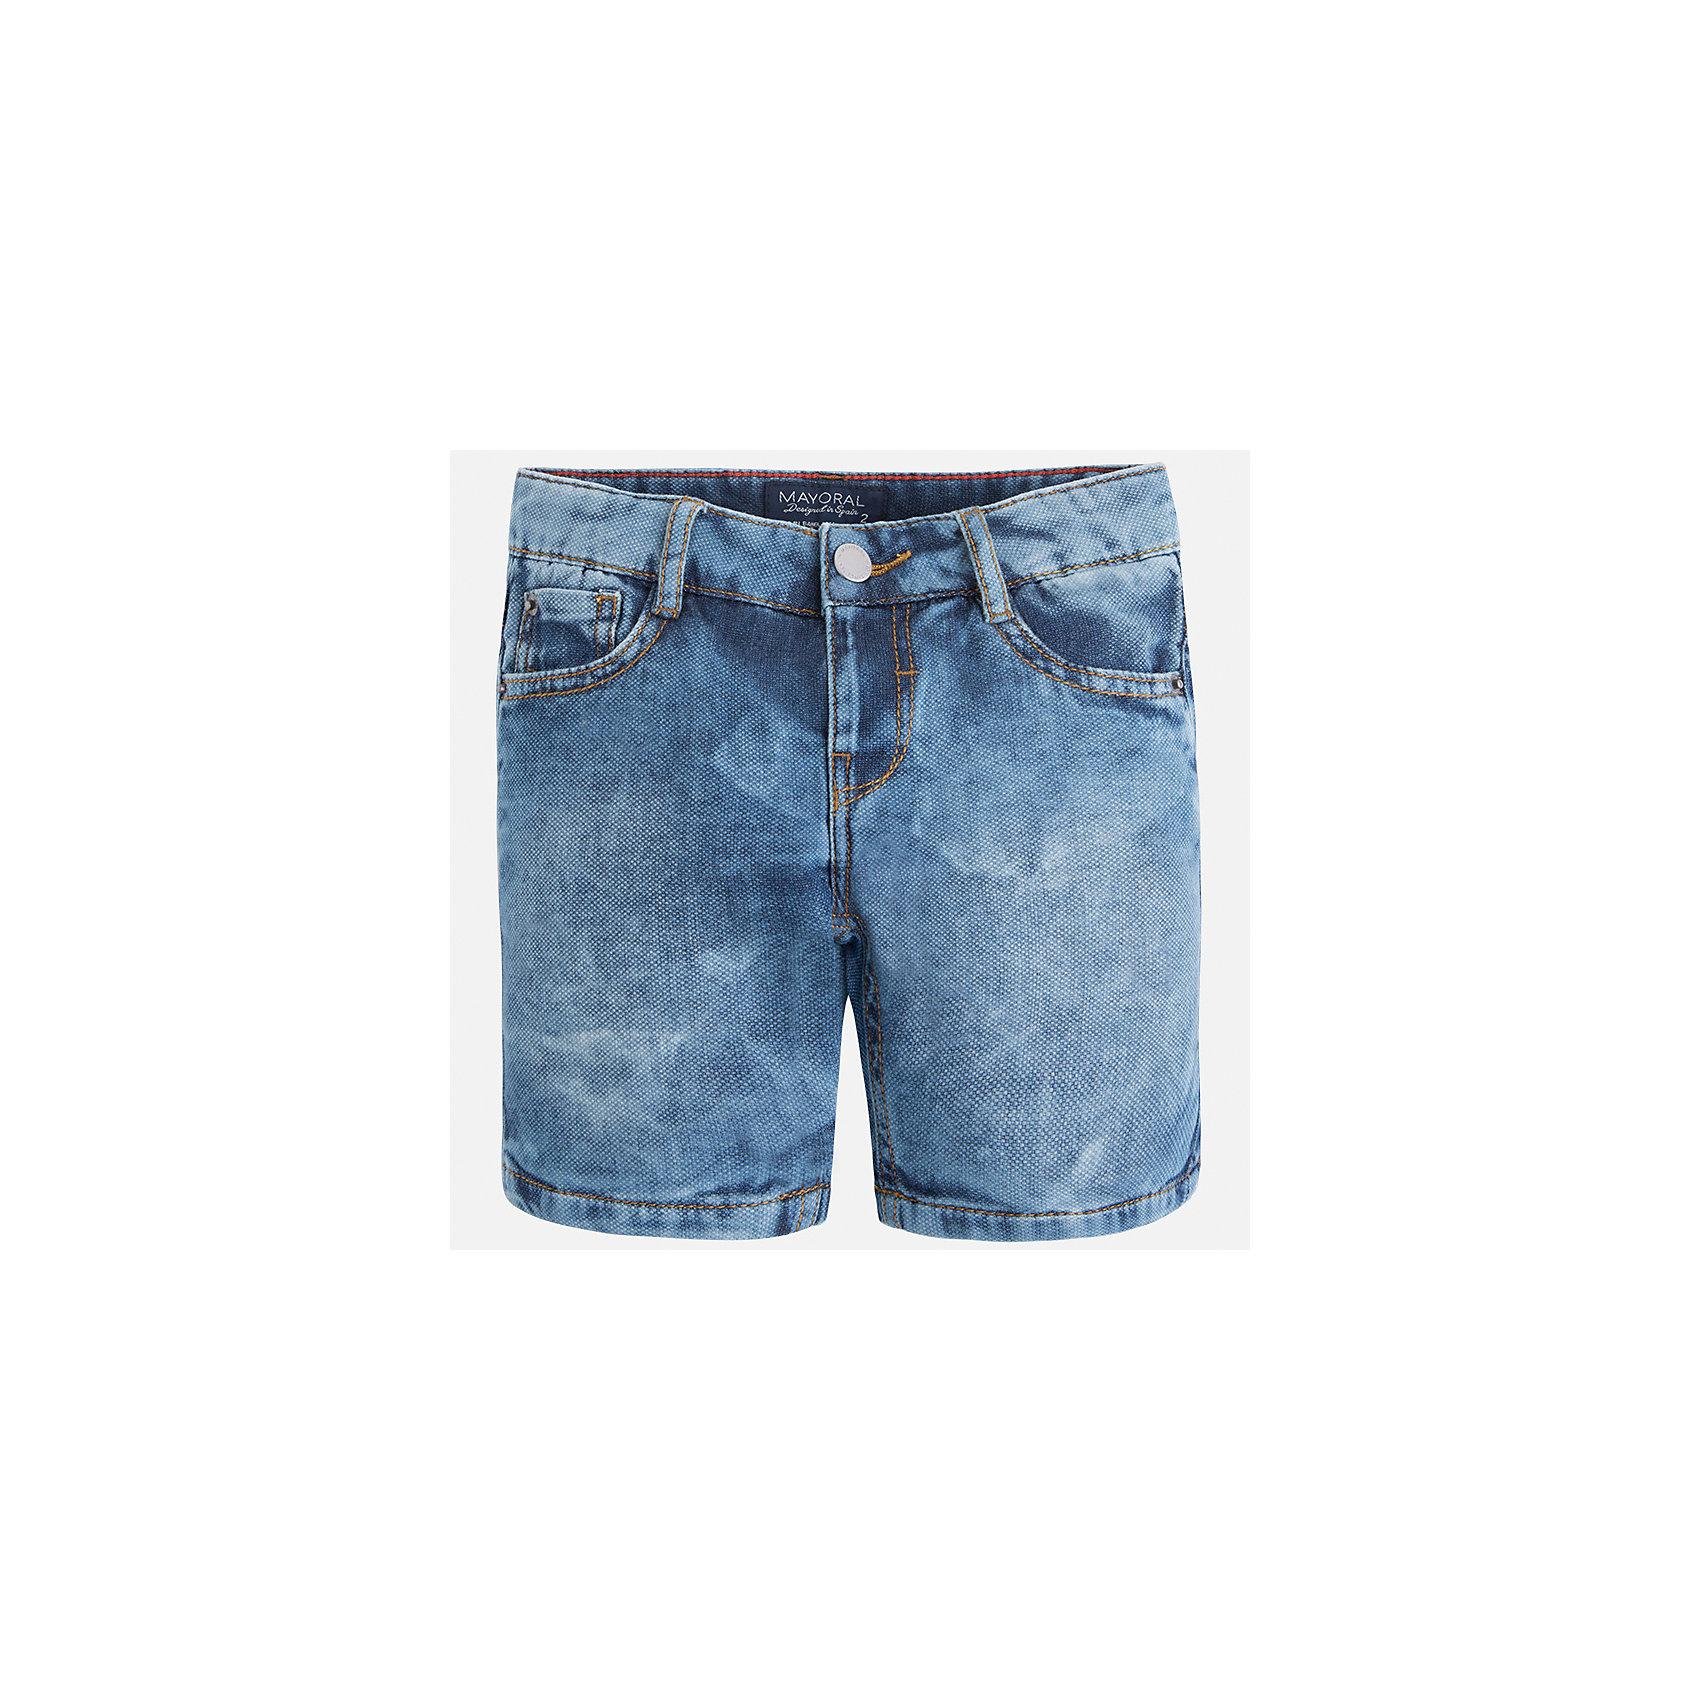 Бриджи джинсовые для мальчика MayoralШорты, бриджи, капри<br>Характеристики товара:<br><br>• цвет: синий<br>• состав: 100% хлопок<br>• шлевки<br>• карманы<br>• пояс с регулировкой объема<br>• имитация потертости<br>• страна бренда: Испания<br><br>Модные бриджи для мальчика смогут стать базовой вещью в гардеробе ребенка. Они отлично сочетаются с майками, футболками, рубашками и т.д. Универсальный крой и цвет позволяет подобрать к вещи верх разных расцветок. Практичное и стильное изделие! В составе материала - натуральный хлопок, гипоаллергенный, приятный на ощупь, дышащий.<br><br>Одежда, обувь и аксессуары от испанского бренда Mayoral полюбились детям и взрослым по всему миру. Модели этой марки - стильные и удобные. Для их производства используются только безопасные, качественные материалы и фурнитура. Порадуйте ребенка модными и красивыми вещами от Mayoral! <br><br>Бриджи для мальчика от испанского бренда Mayoral (Майорал) можно купить в нашем интернет-магазине.<br><br>Ширина мм: 191<br>Глубина мм: 10<br>Высота мм: 175<br>Вес г: 273<br>Цвет: голубой<br>Возраст от месяцев: 24<br>Возраст до месяцев: 36<br>Пол: Мужской<br>Возраст: Детский<br>Размер: 98,92,134,128,122,116,110,104<br>SKU: 5272603